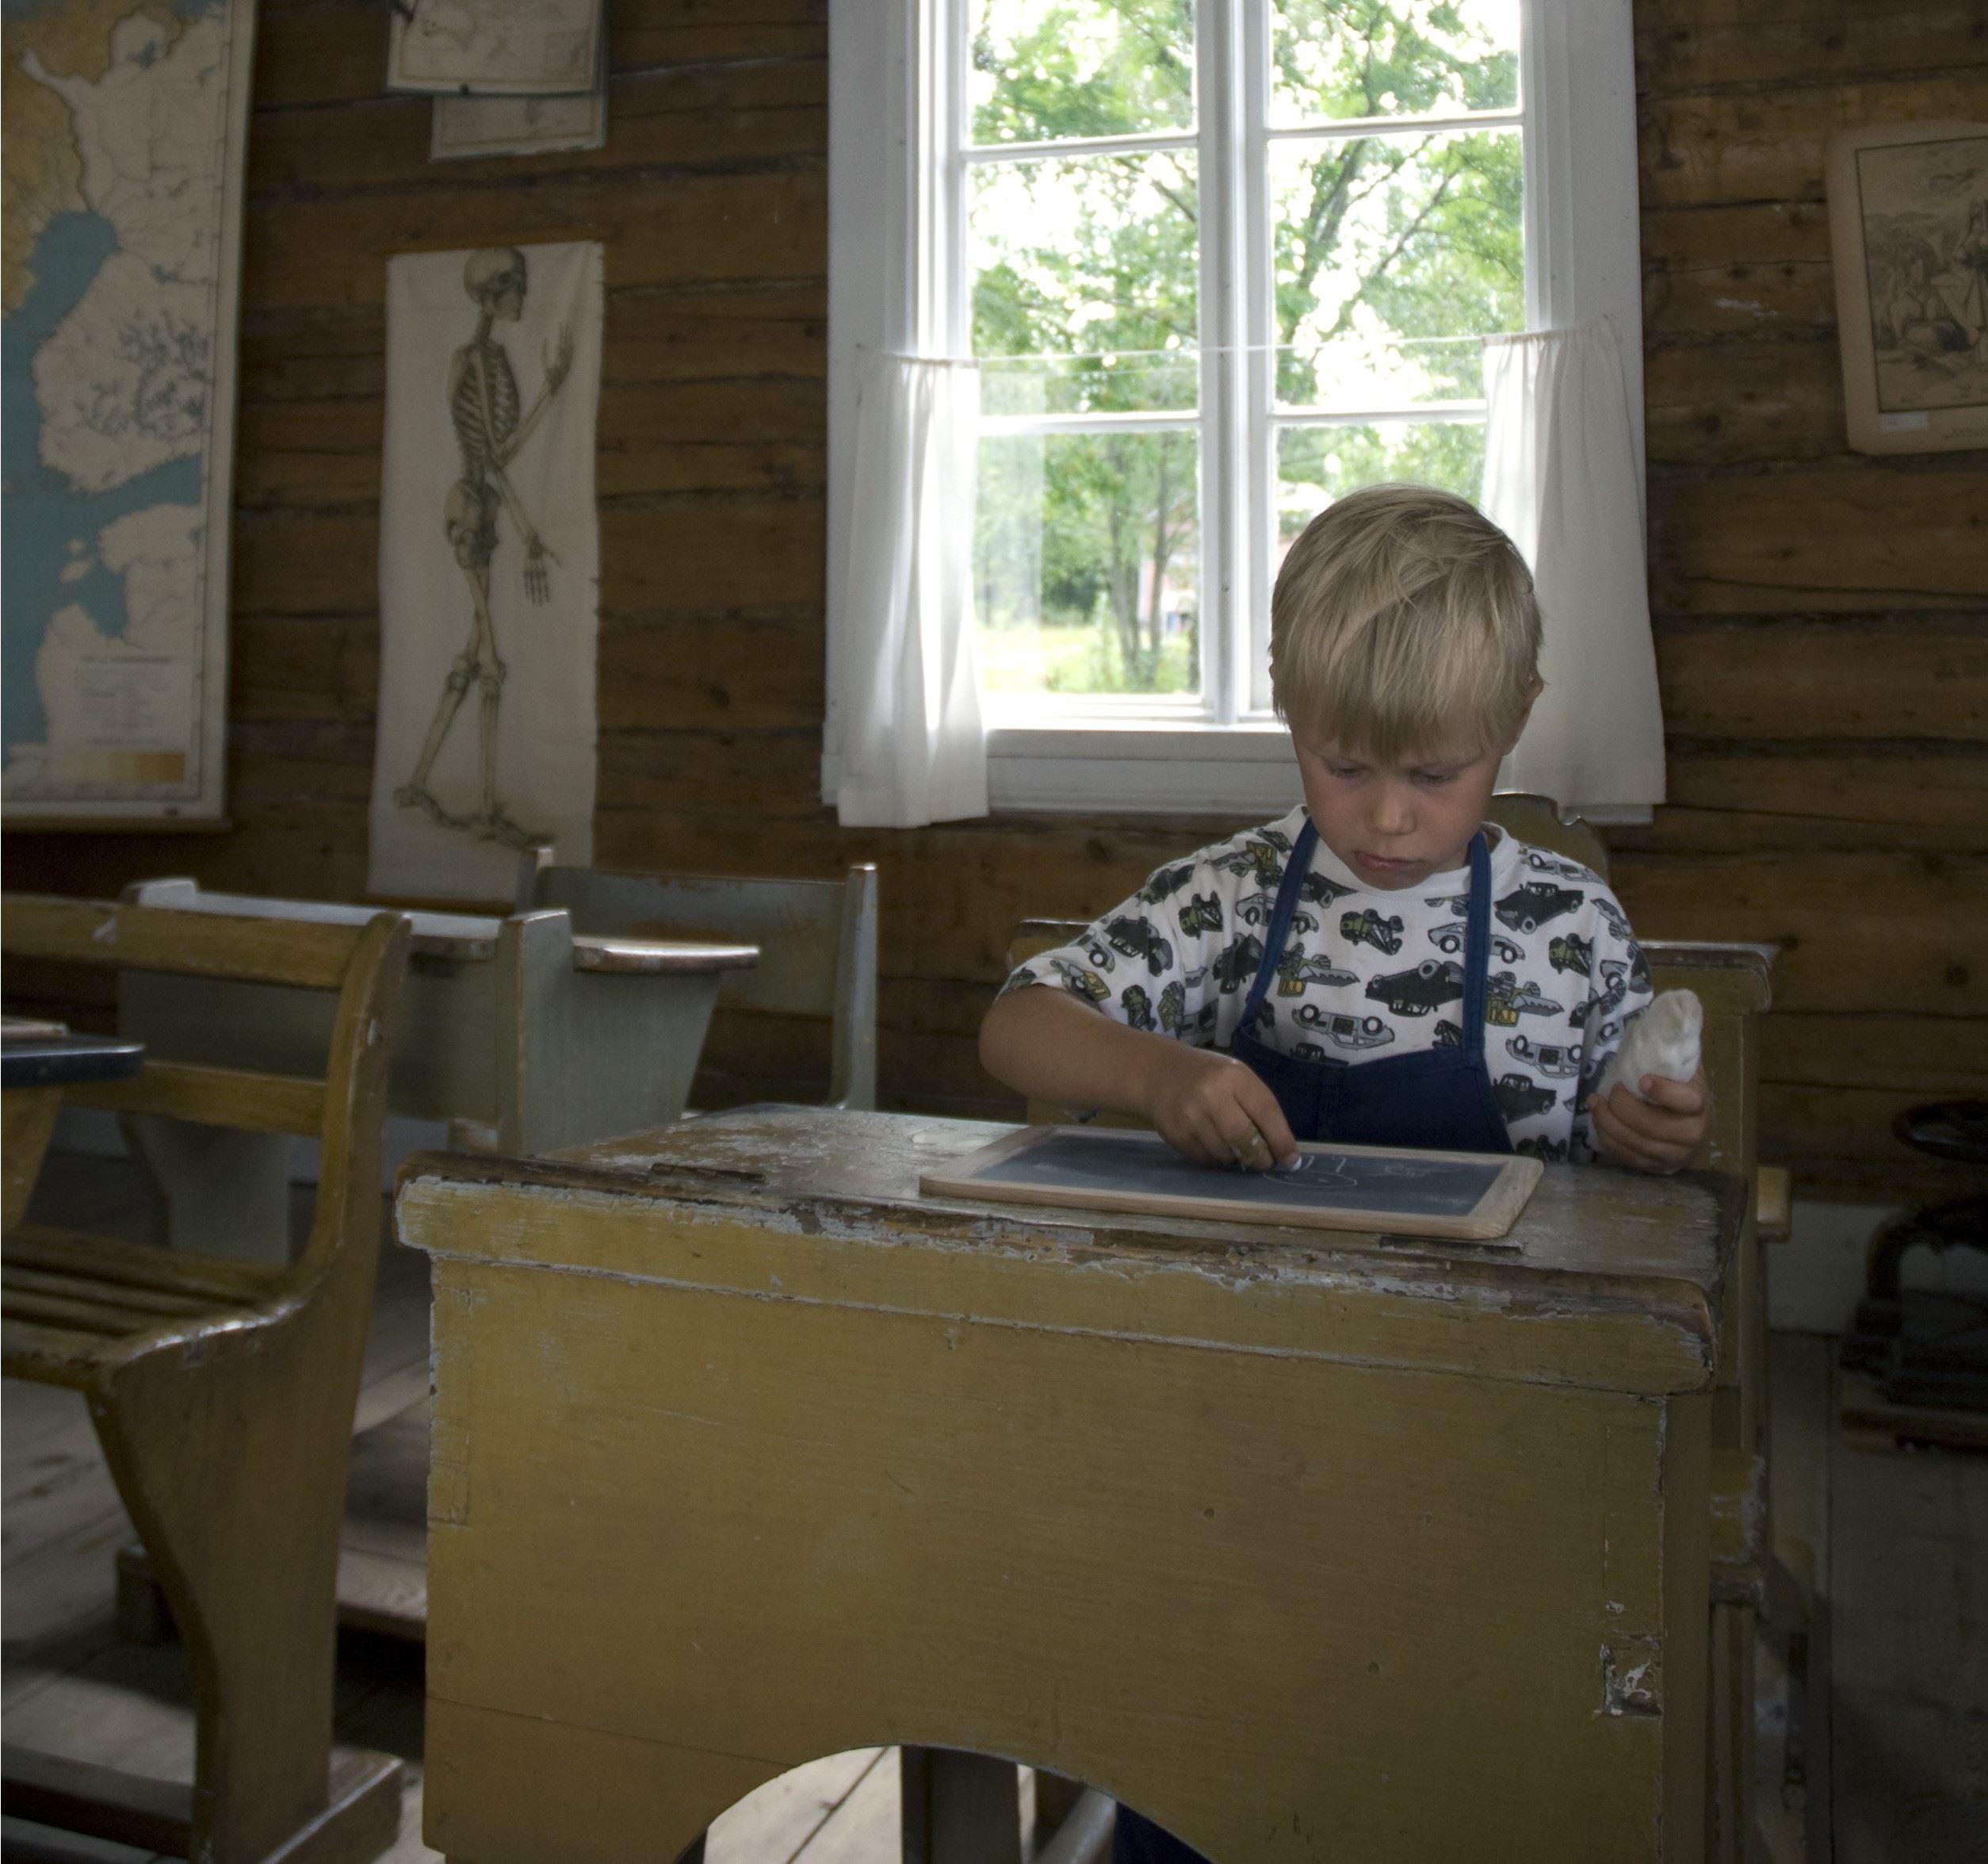 © Västerbottens museum, Summer at Västerbotten museum